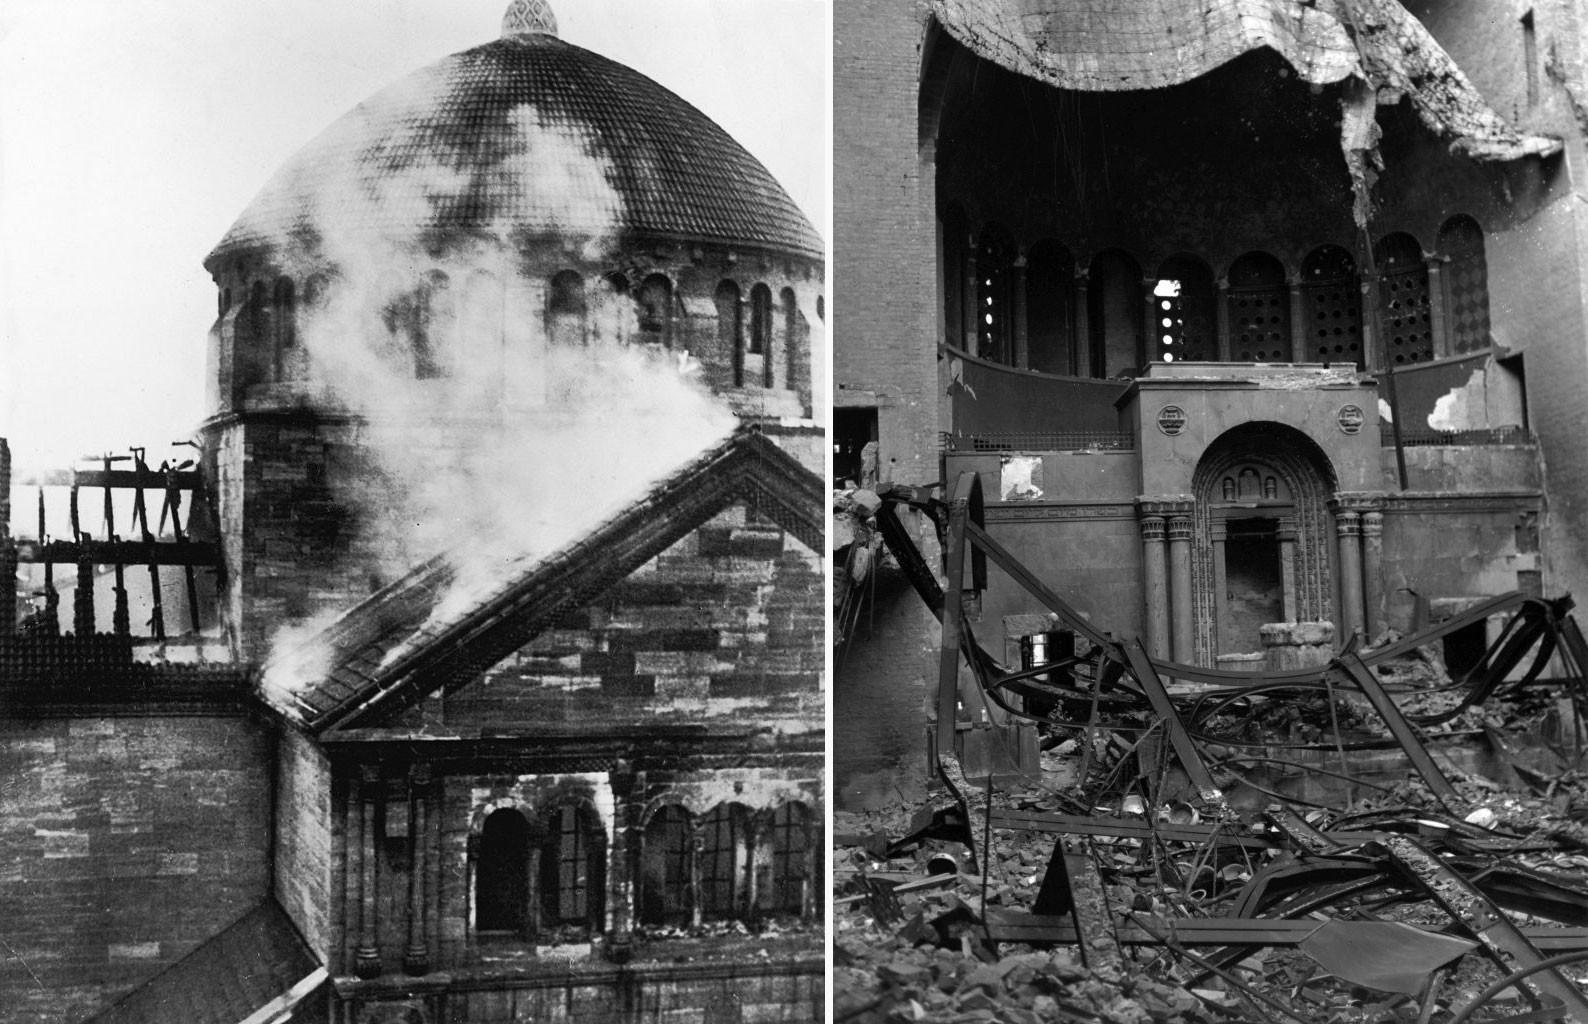 Разрушенная синагога. Фото © Hulton Archive / Getty Images